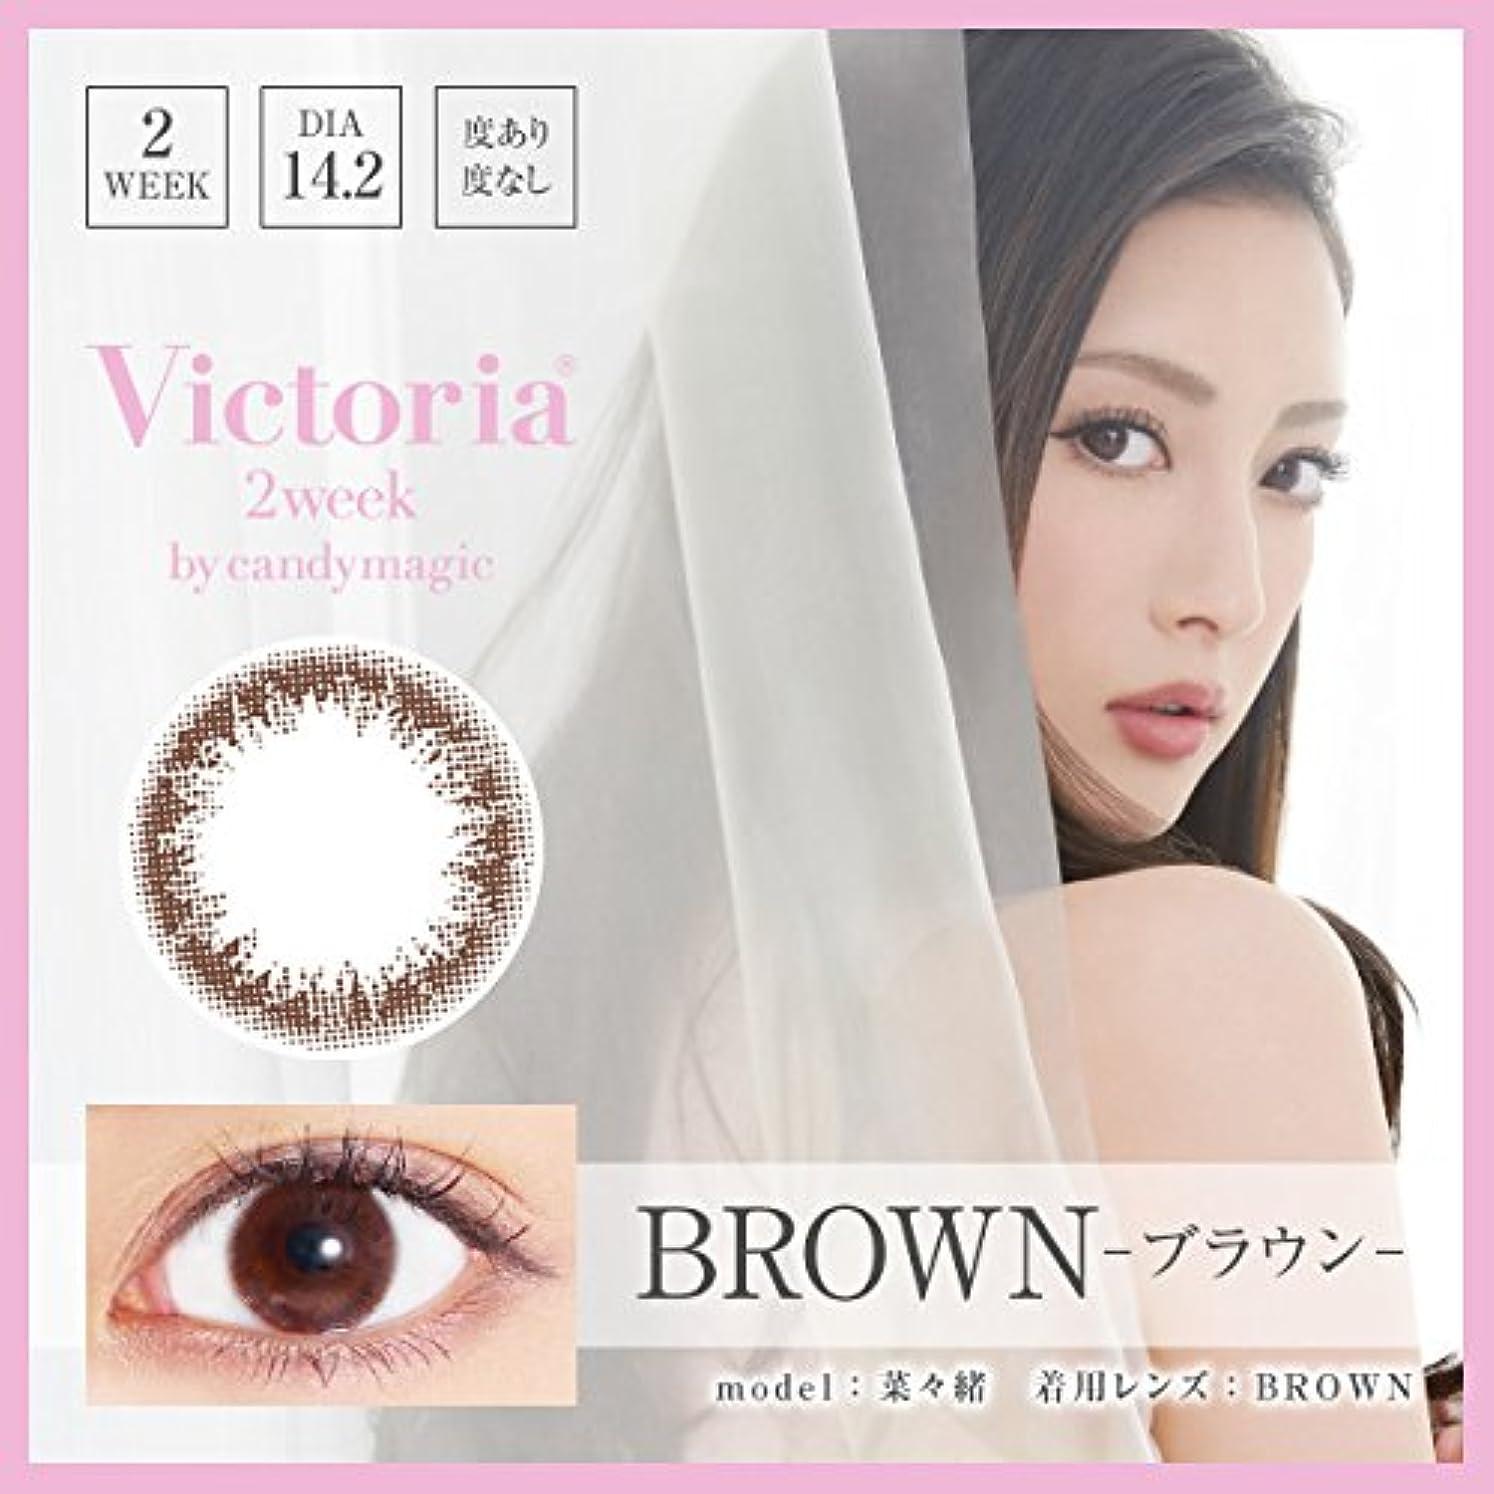 宿泊故意の粉砕するVictoria 2week by candy magic(ヴィクトリア 2ウィーク) Victoria 2week by candy magic(ヴィクトリア 2ウィーク) BROWN(ブラウン) 度あり 6枚入り 2箱セット BROWN - 6枚入り